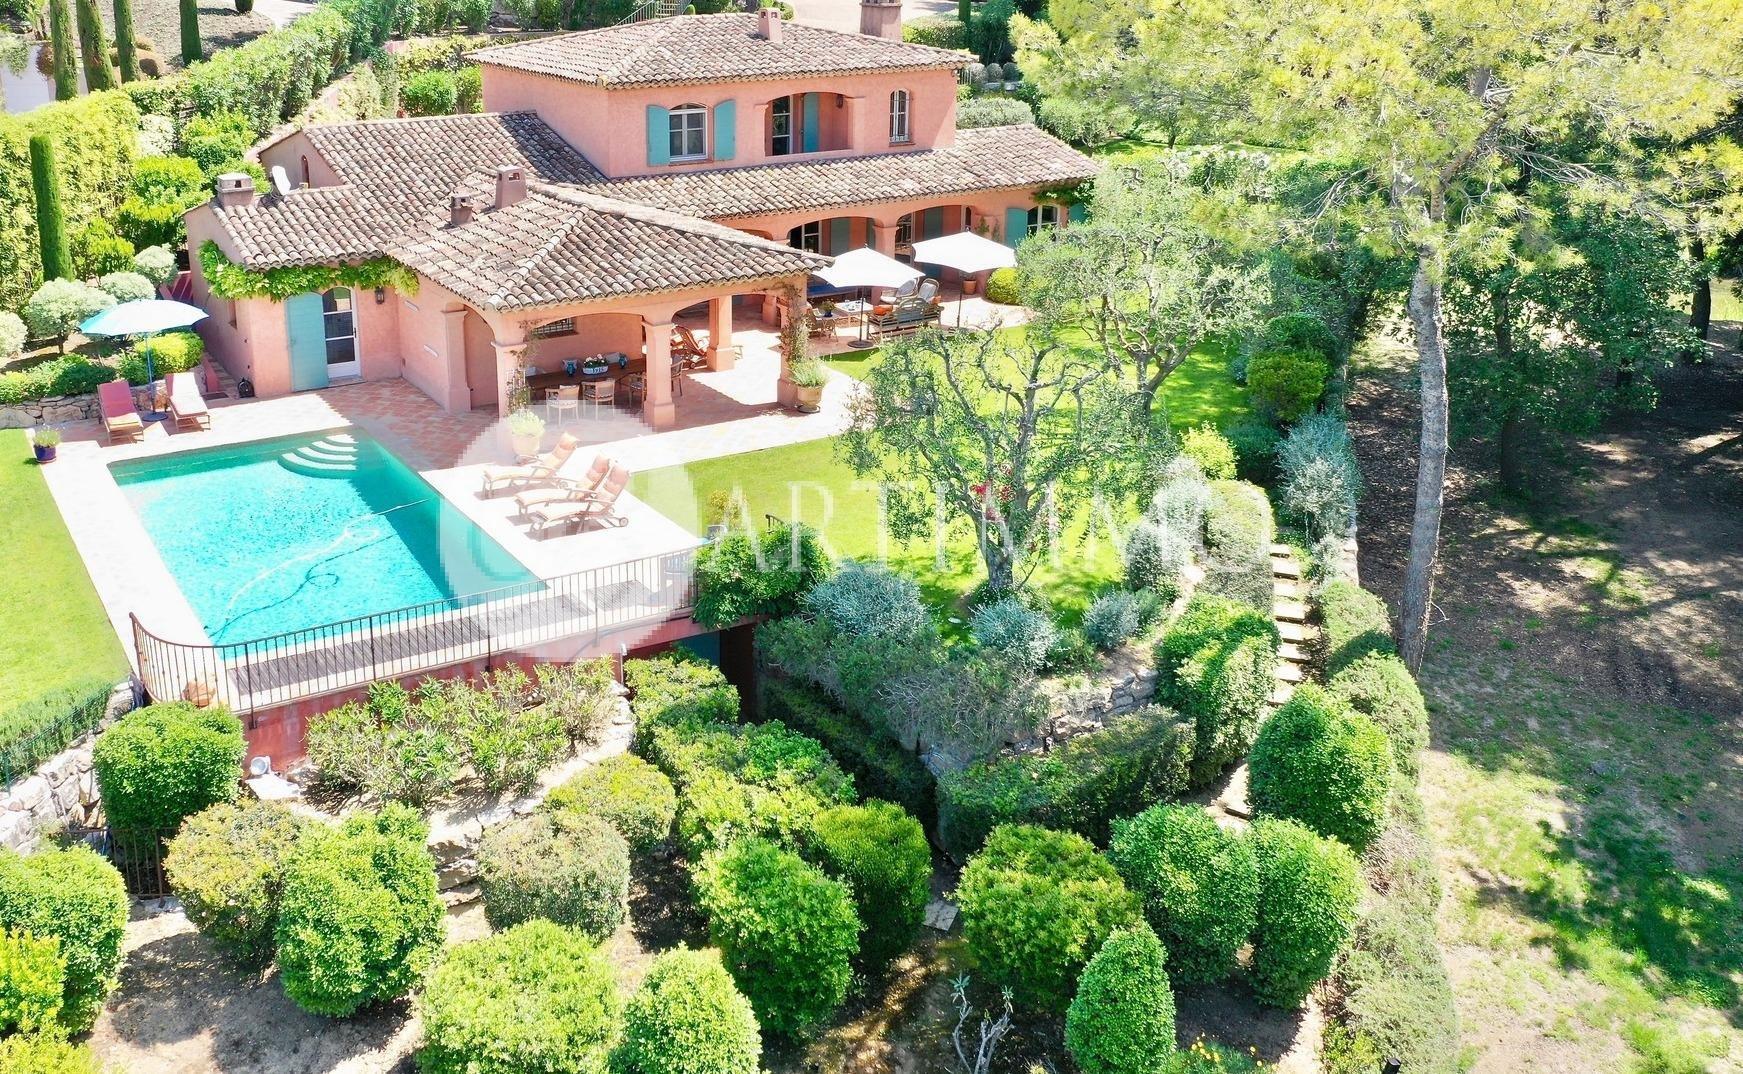 Verkoop Villa - Mougins